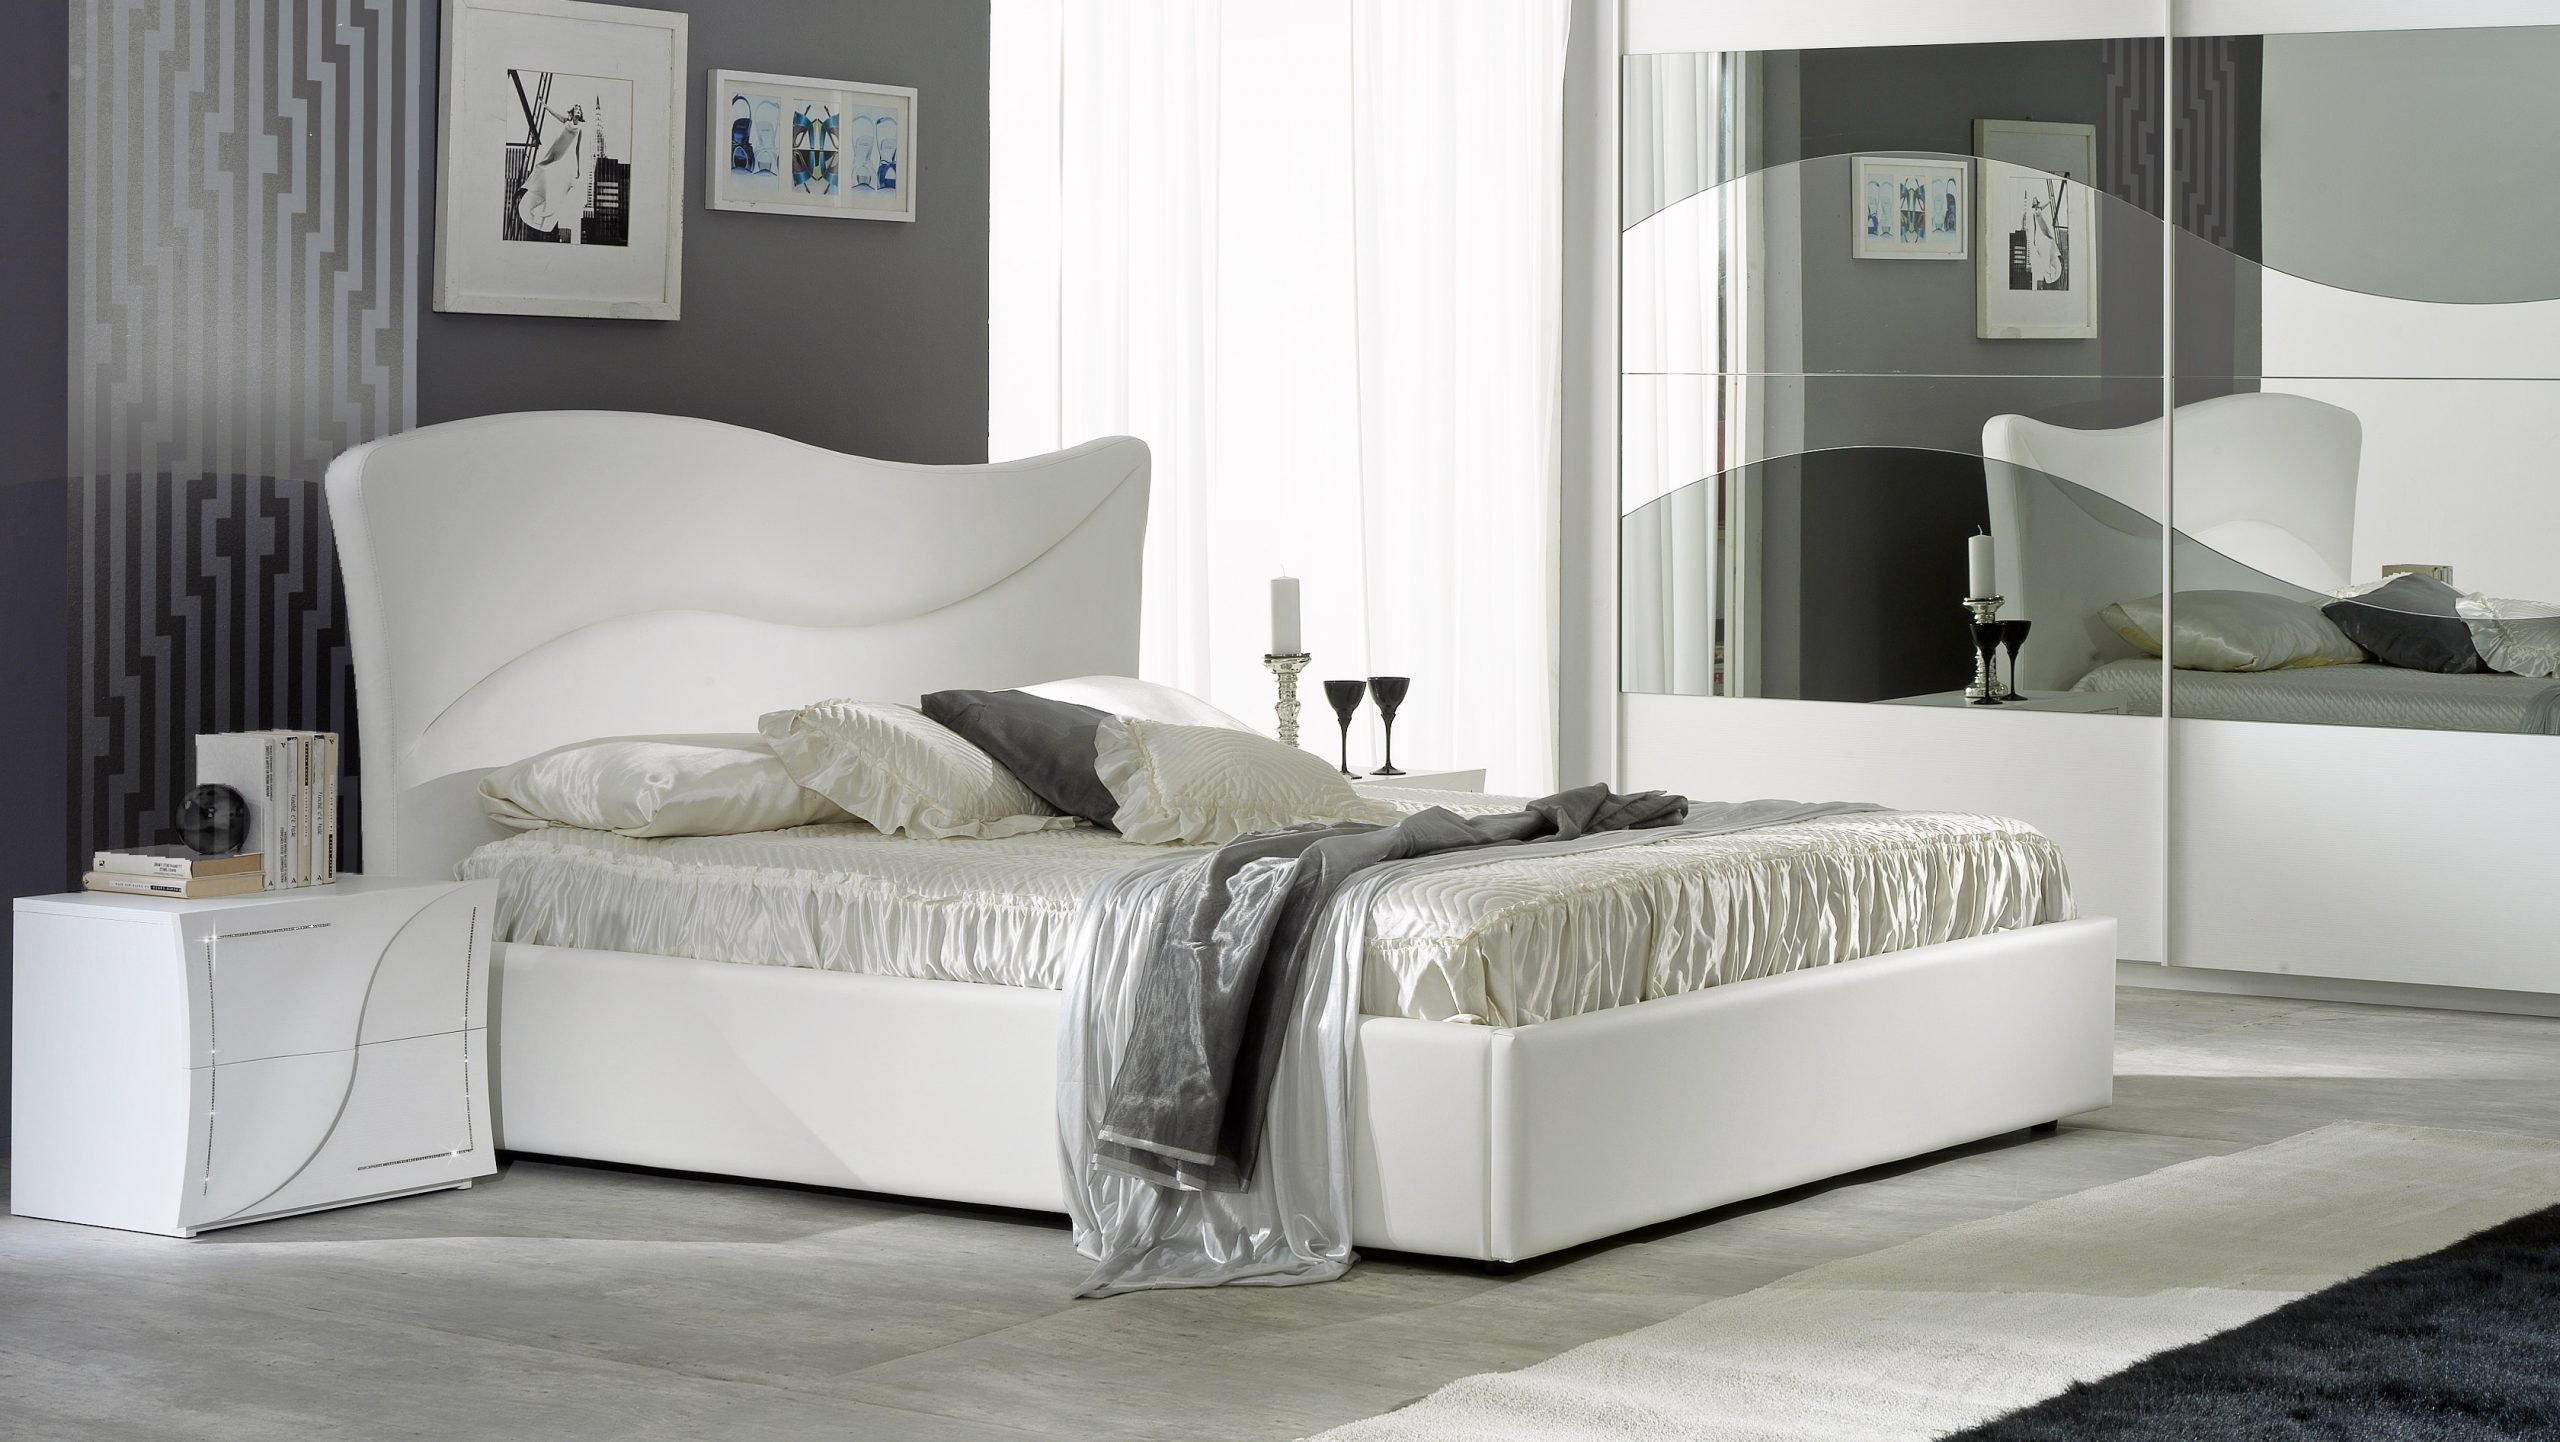 Full Size of Bett Modern Beyond Better Sleep Pillow 180x200 120x200 Holz Kaufen Eiche Betten Design Leader Italienisches Puristisch 140x200 Antike Ausgefallene Mit Wohnzimmer Bett Modern